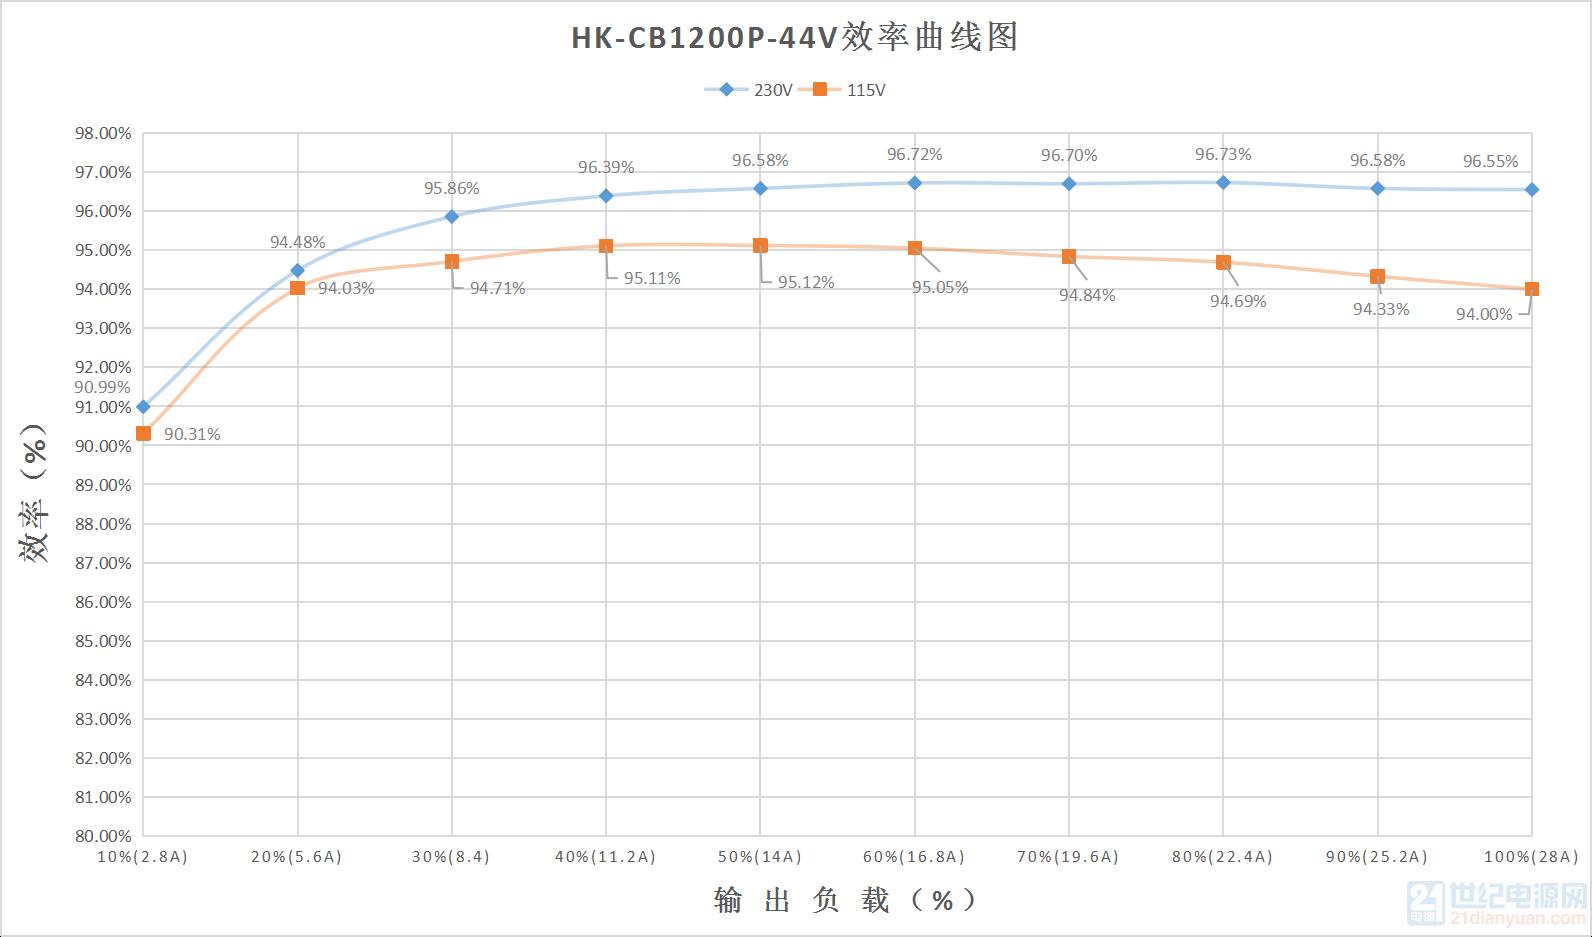 HK-CB1200P-44V效率曲线图.png